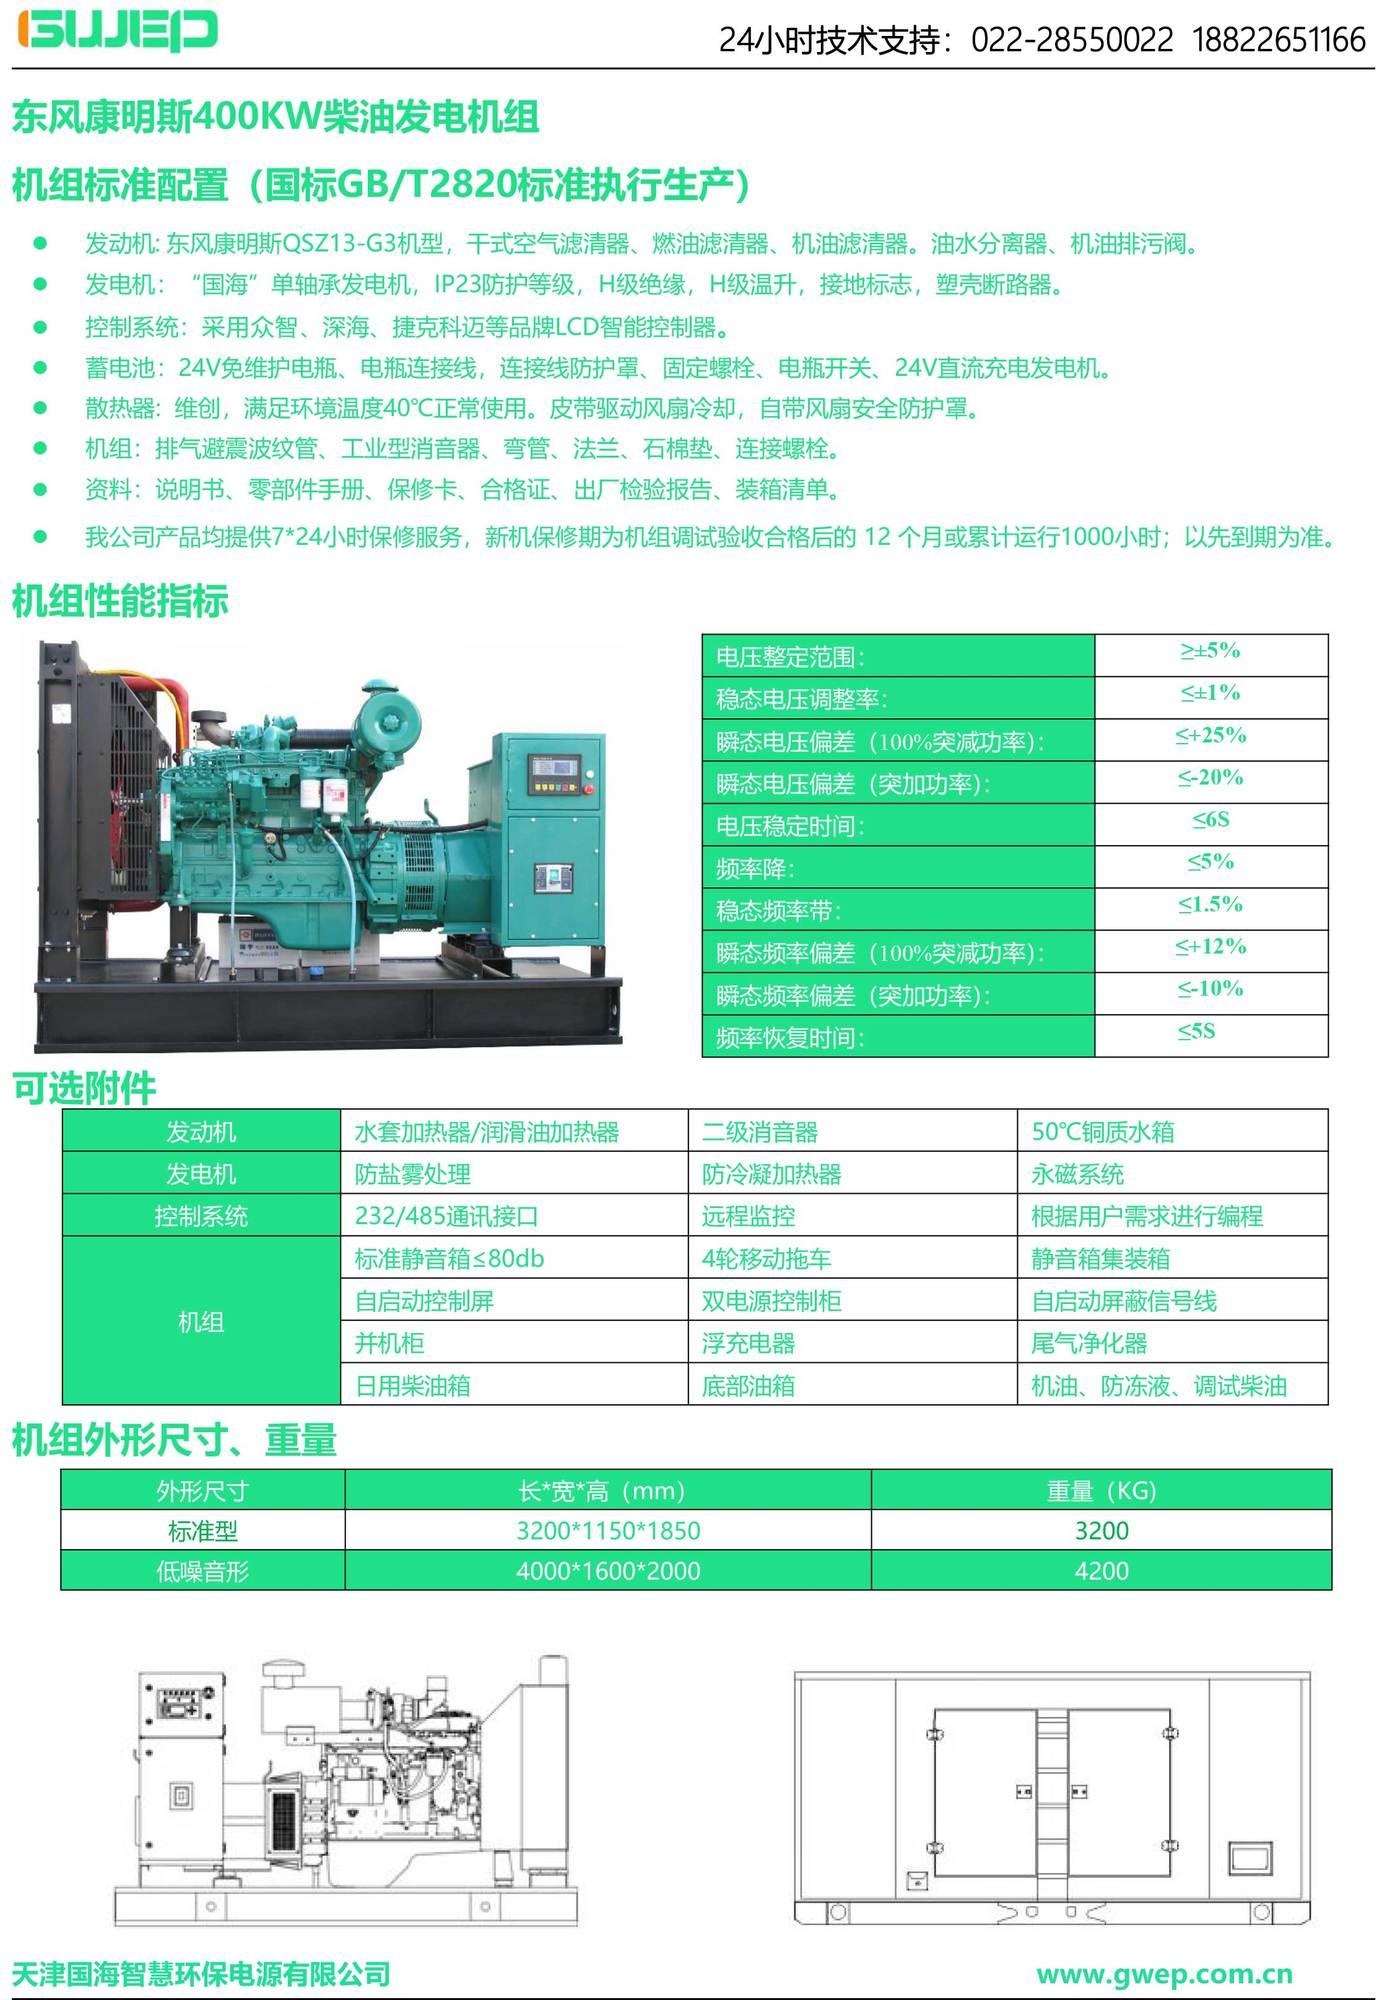 康明斯400KW發電機組技術資料-1.jpg